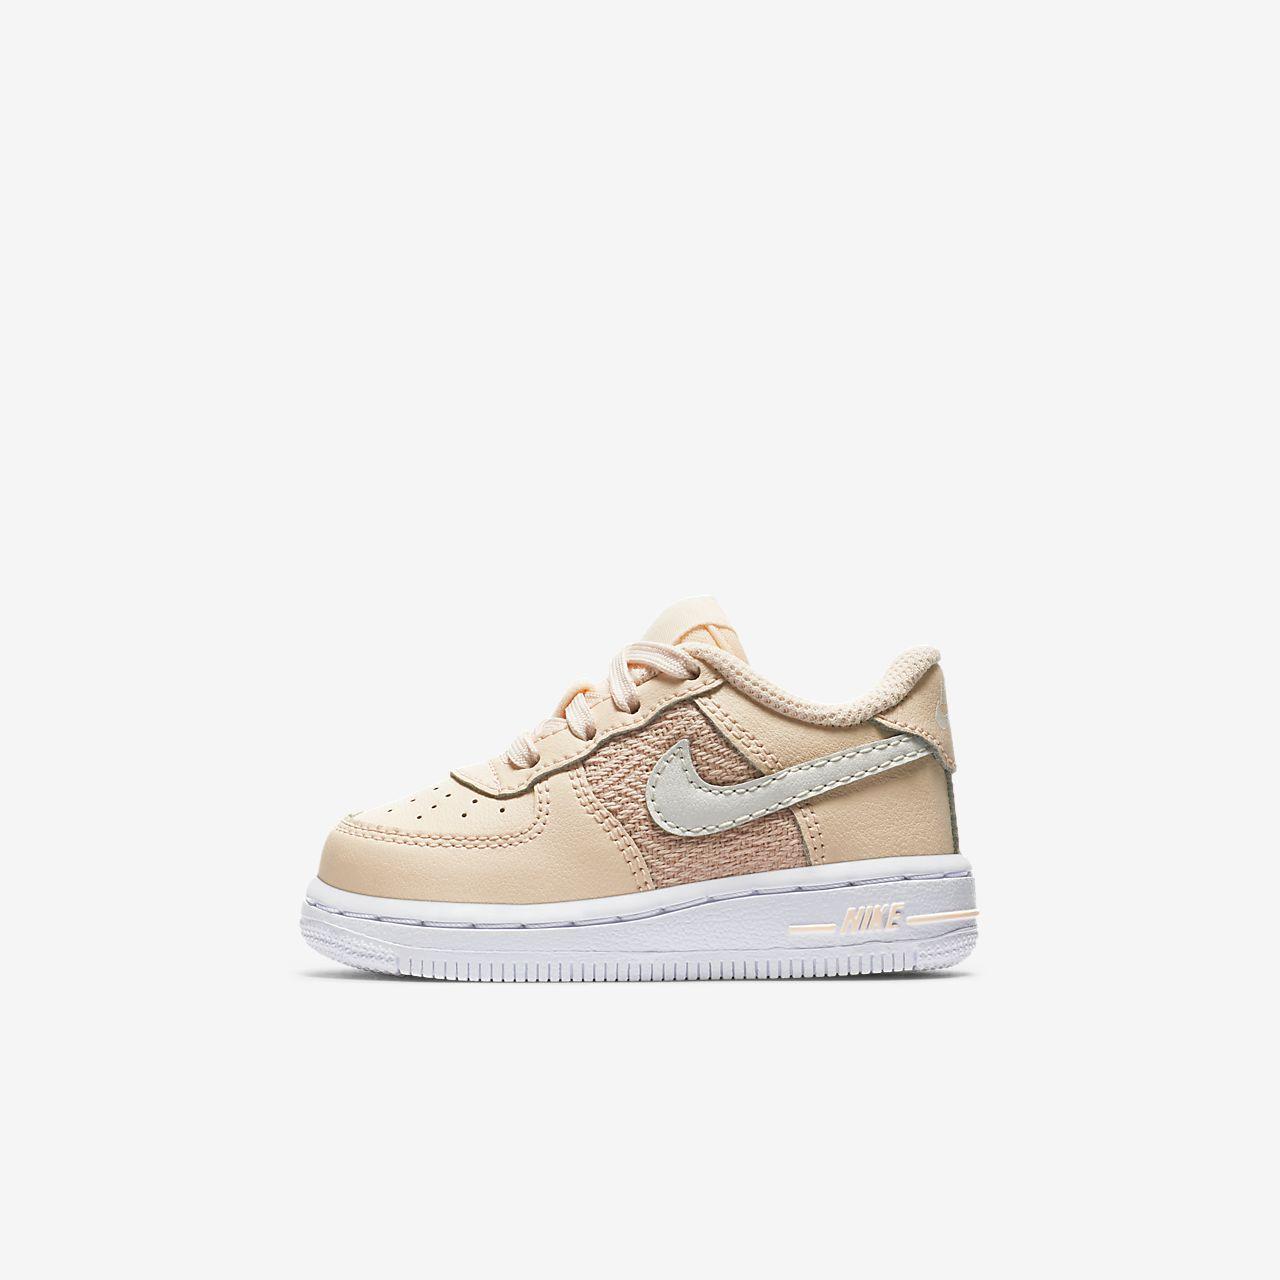 Chaussure Nike Air Force 1 LV8 pour Bébé et Petit enfant